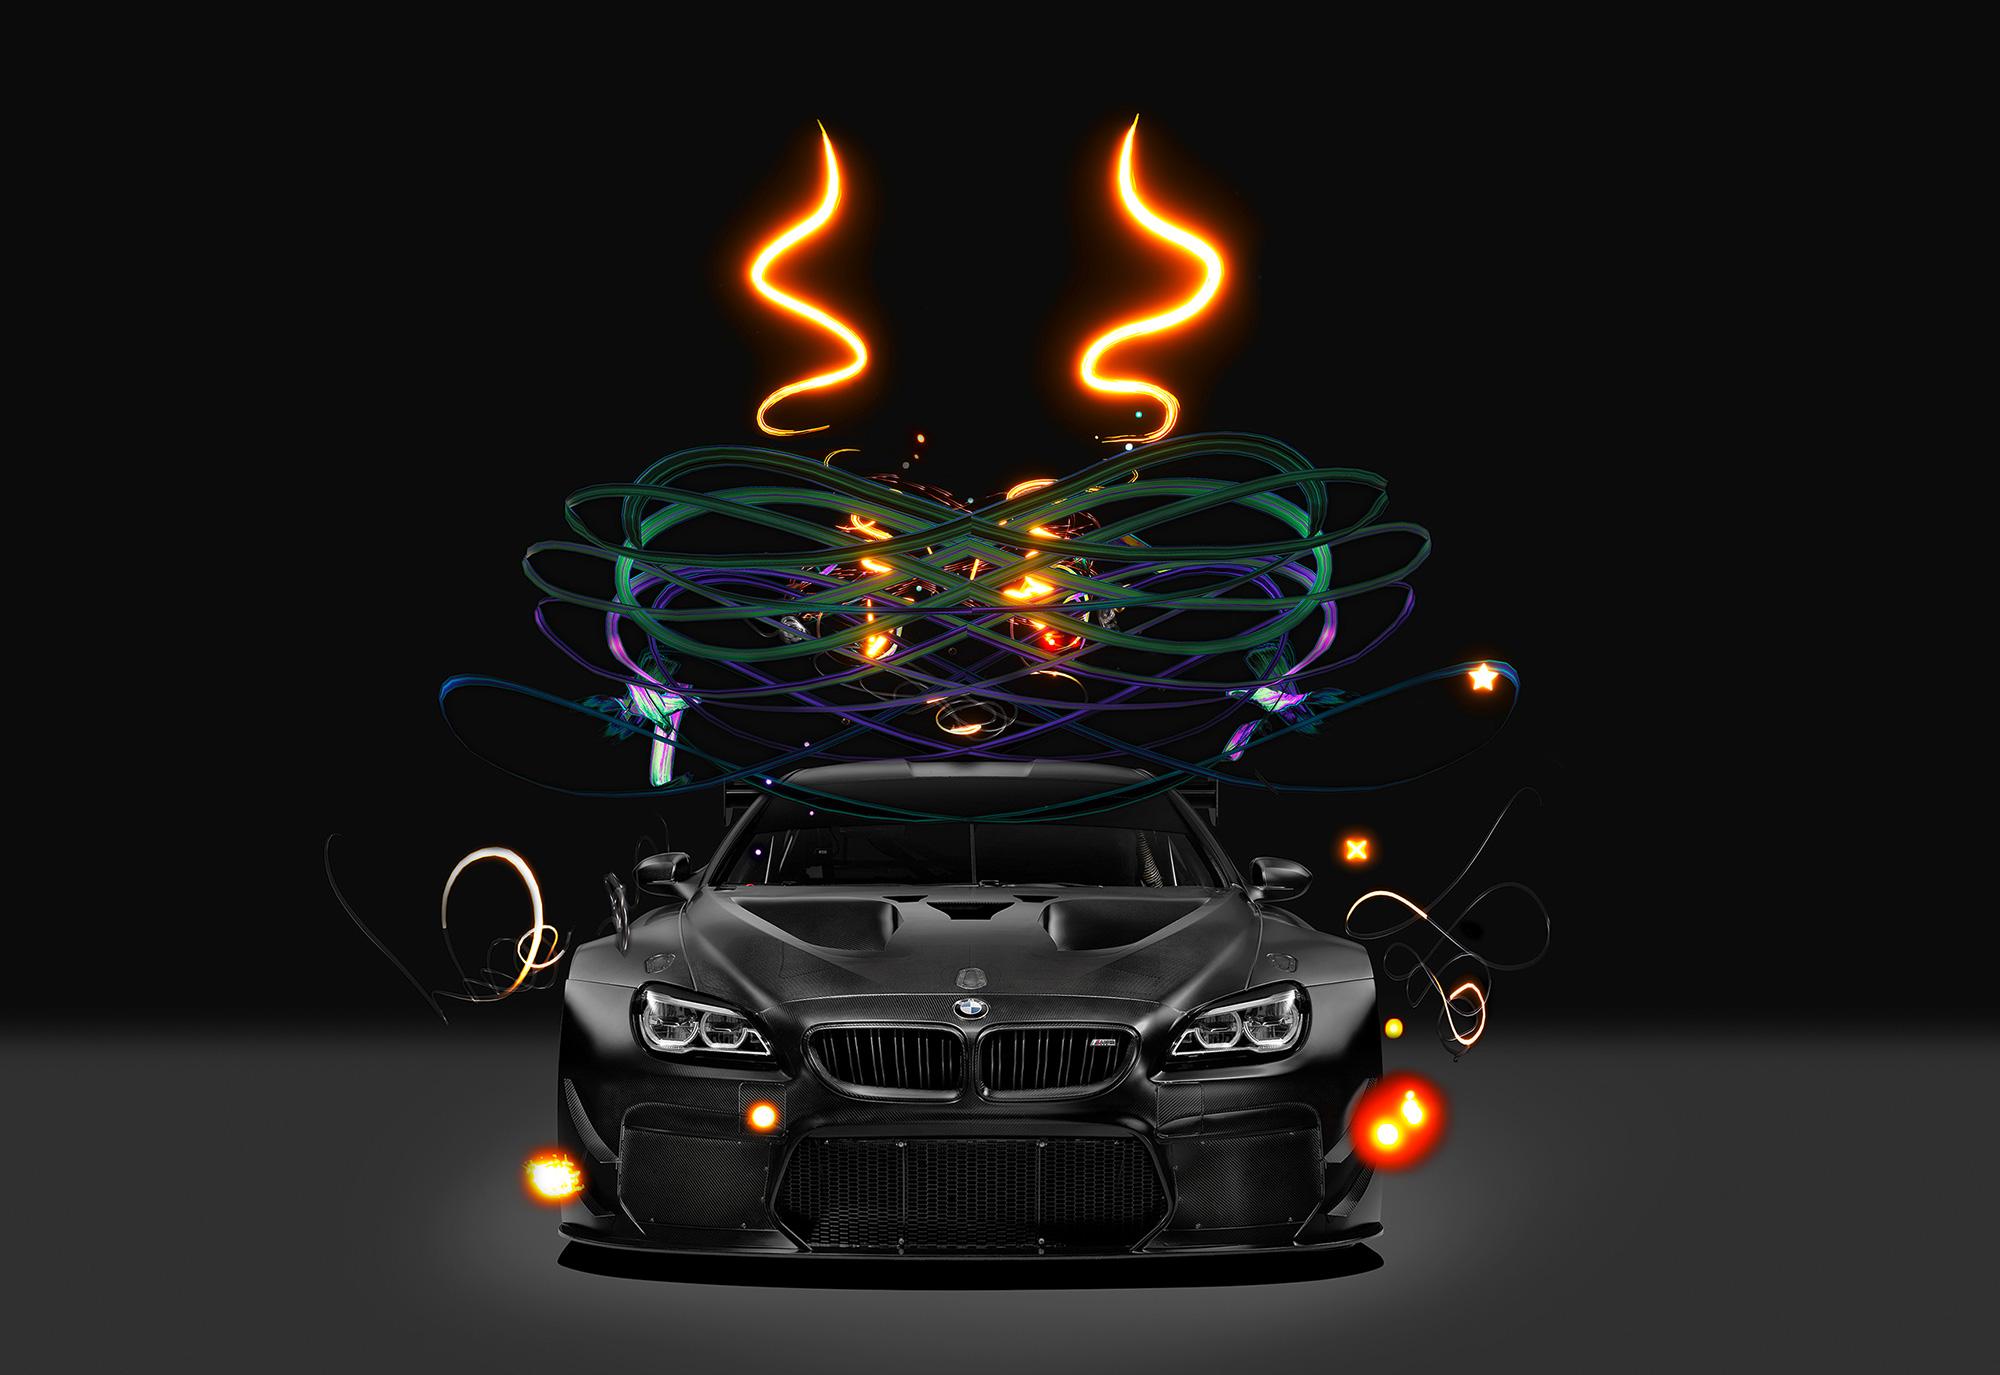 P90259900_highRes_bmw-art-car-18-by-ca.jpg